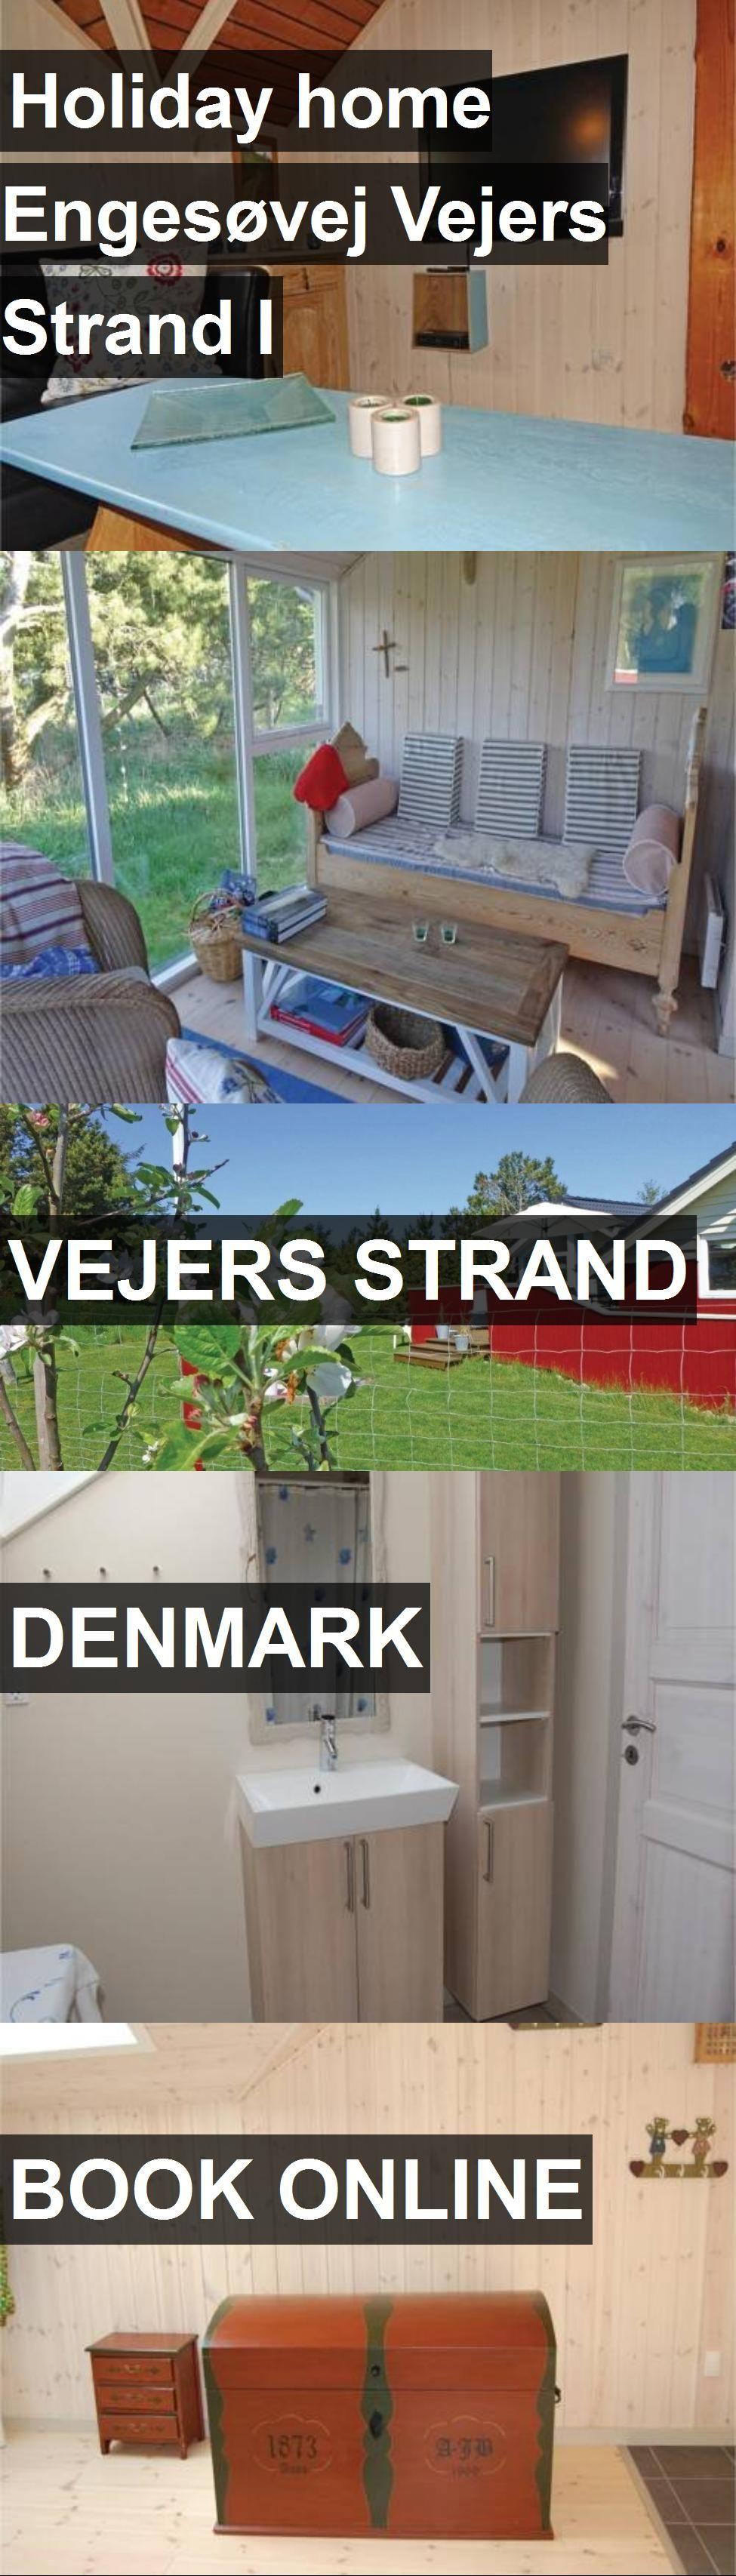 Hotel Holiday home Engesøvej Vejers Strand I in Vejers